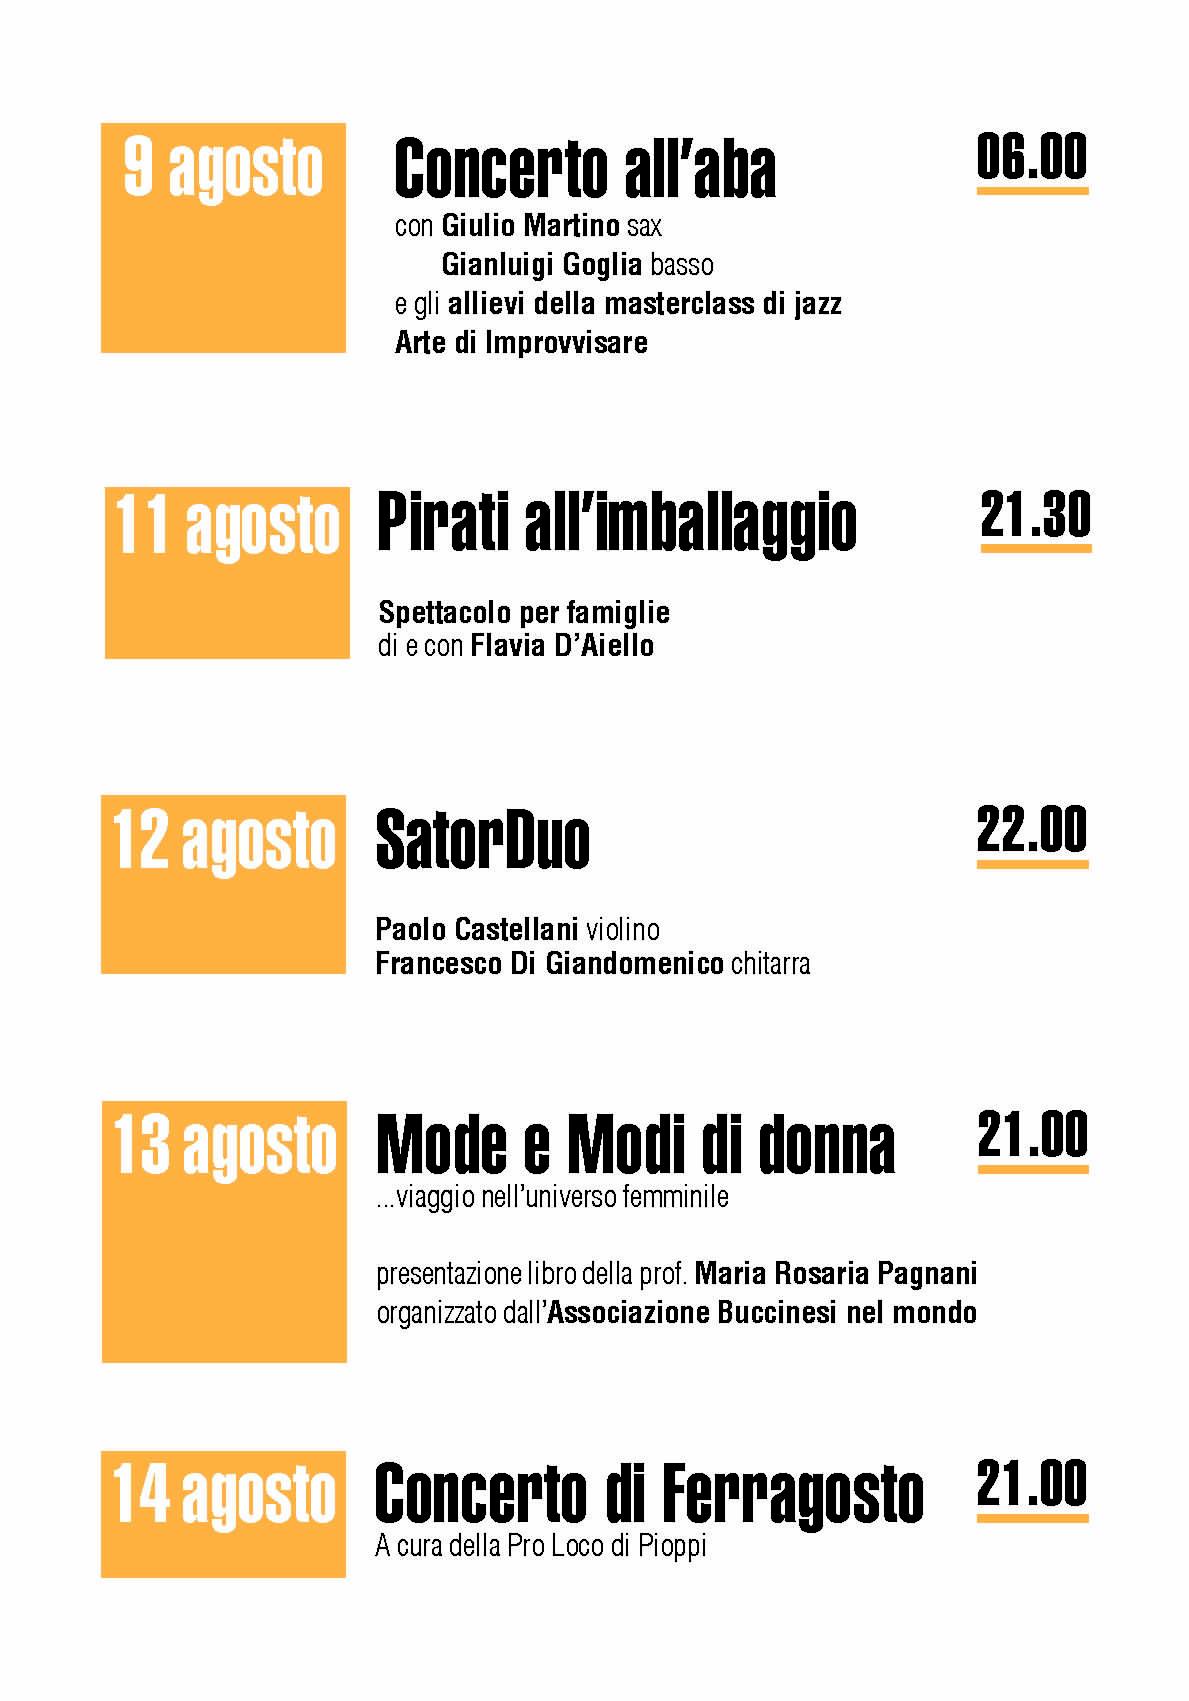 2 1 - Pioppi, 5° Festival della Dieta Mediterranea - dall'8 all'1 Settembre 2020